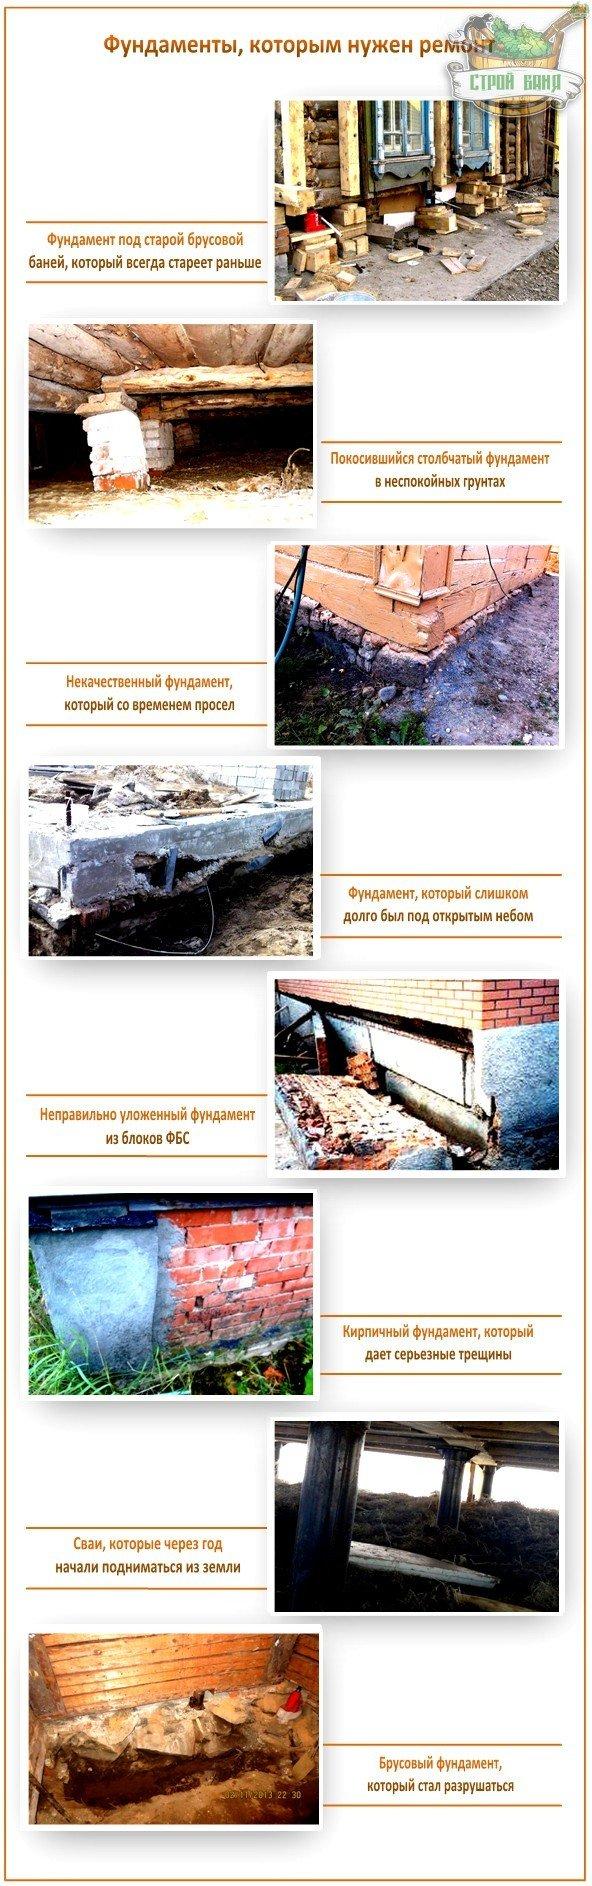 Причины ремонта фундамента